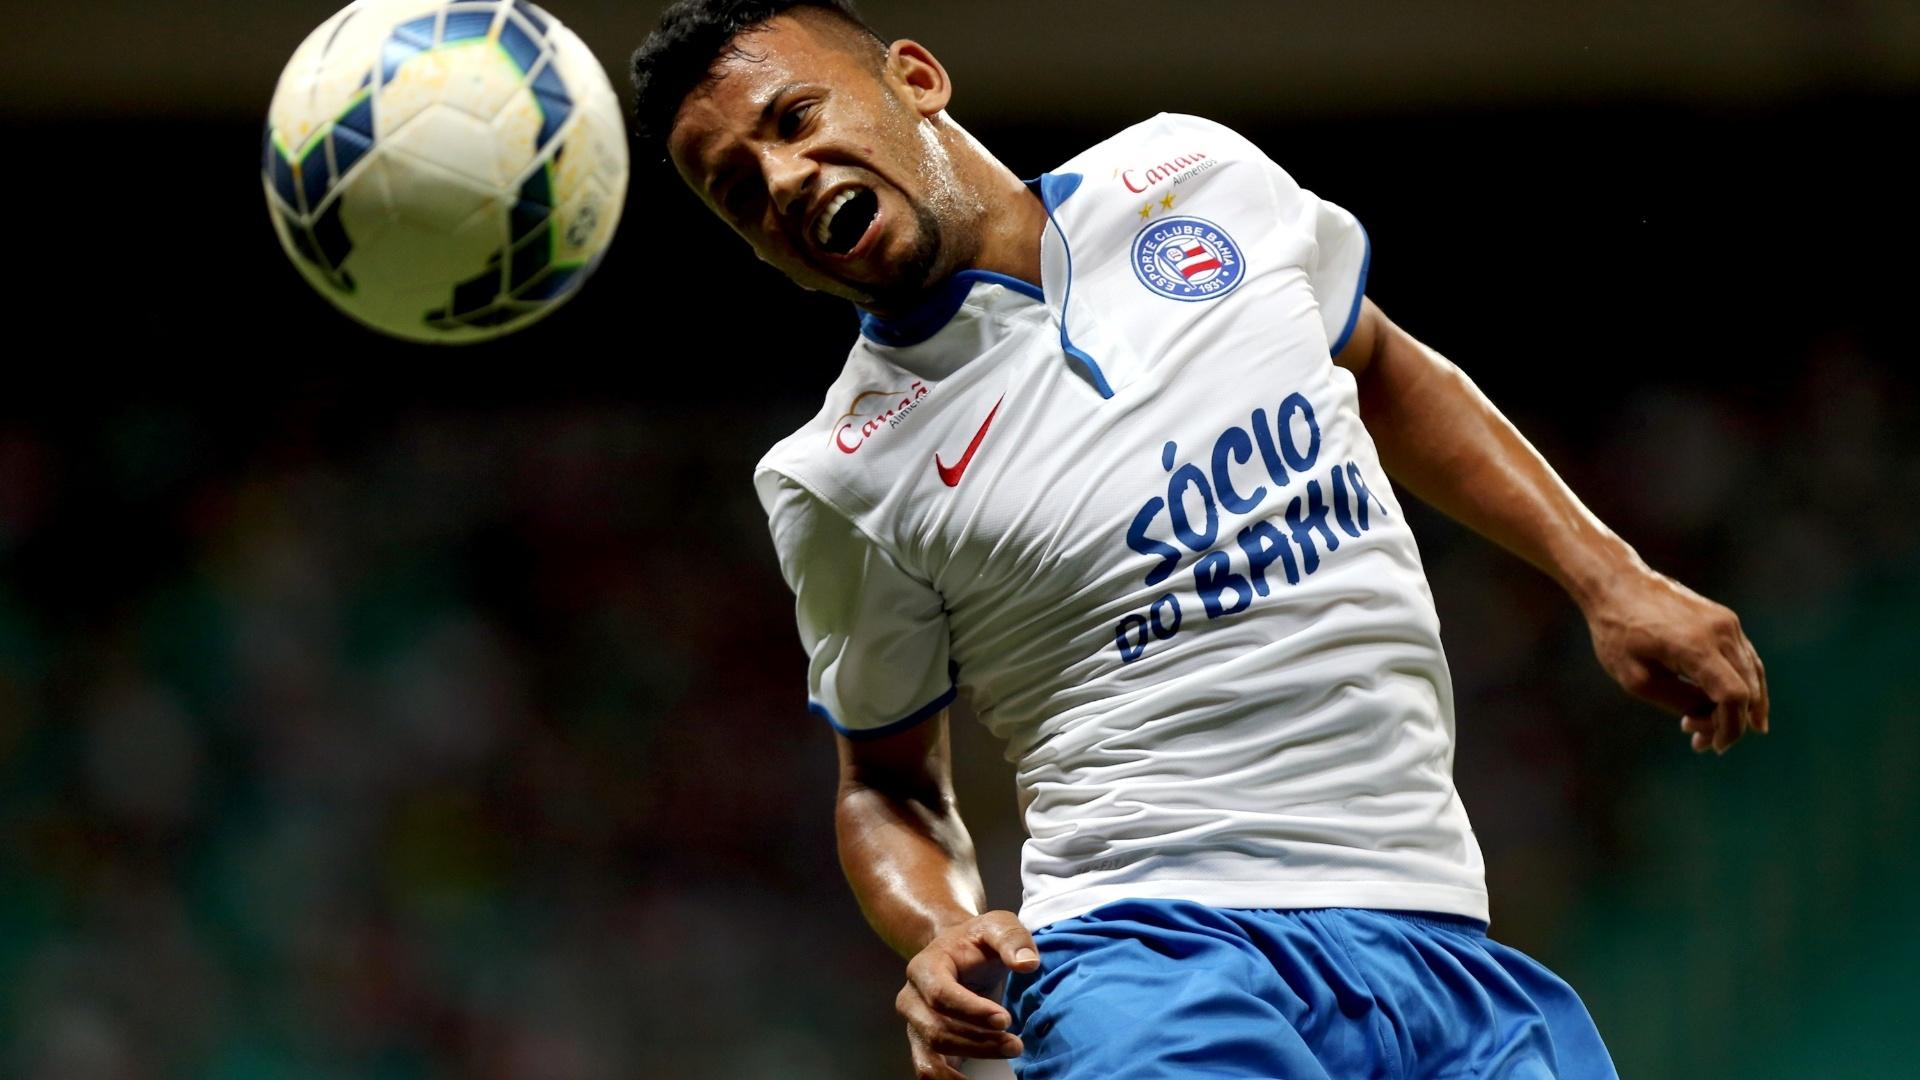 Railan tenta afastar a bola para o Bahia durante ataque do Criciúma